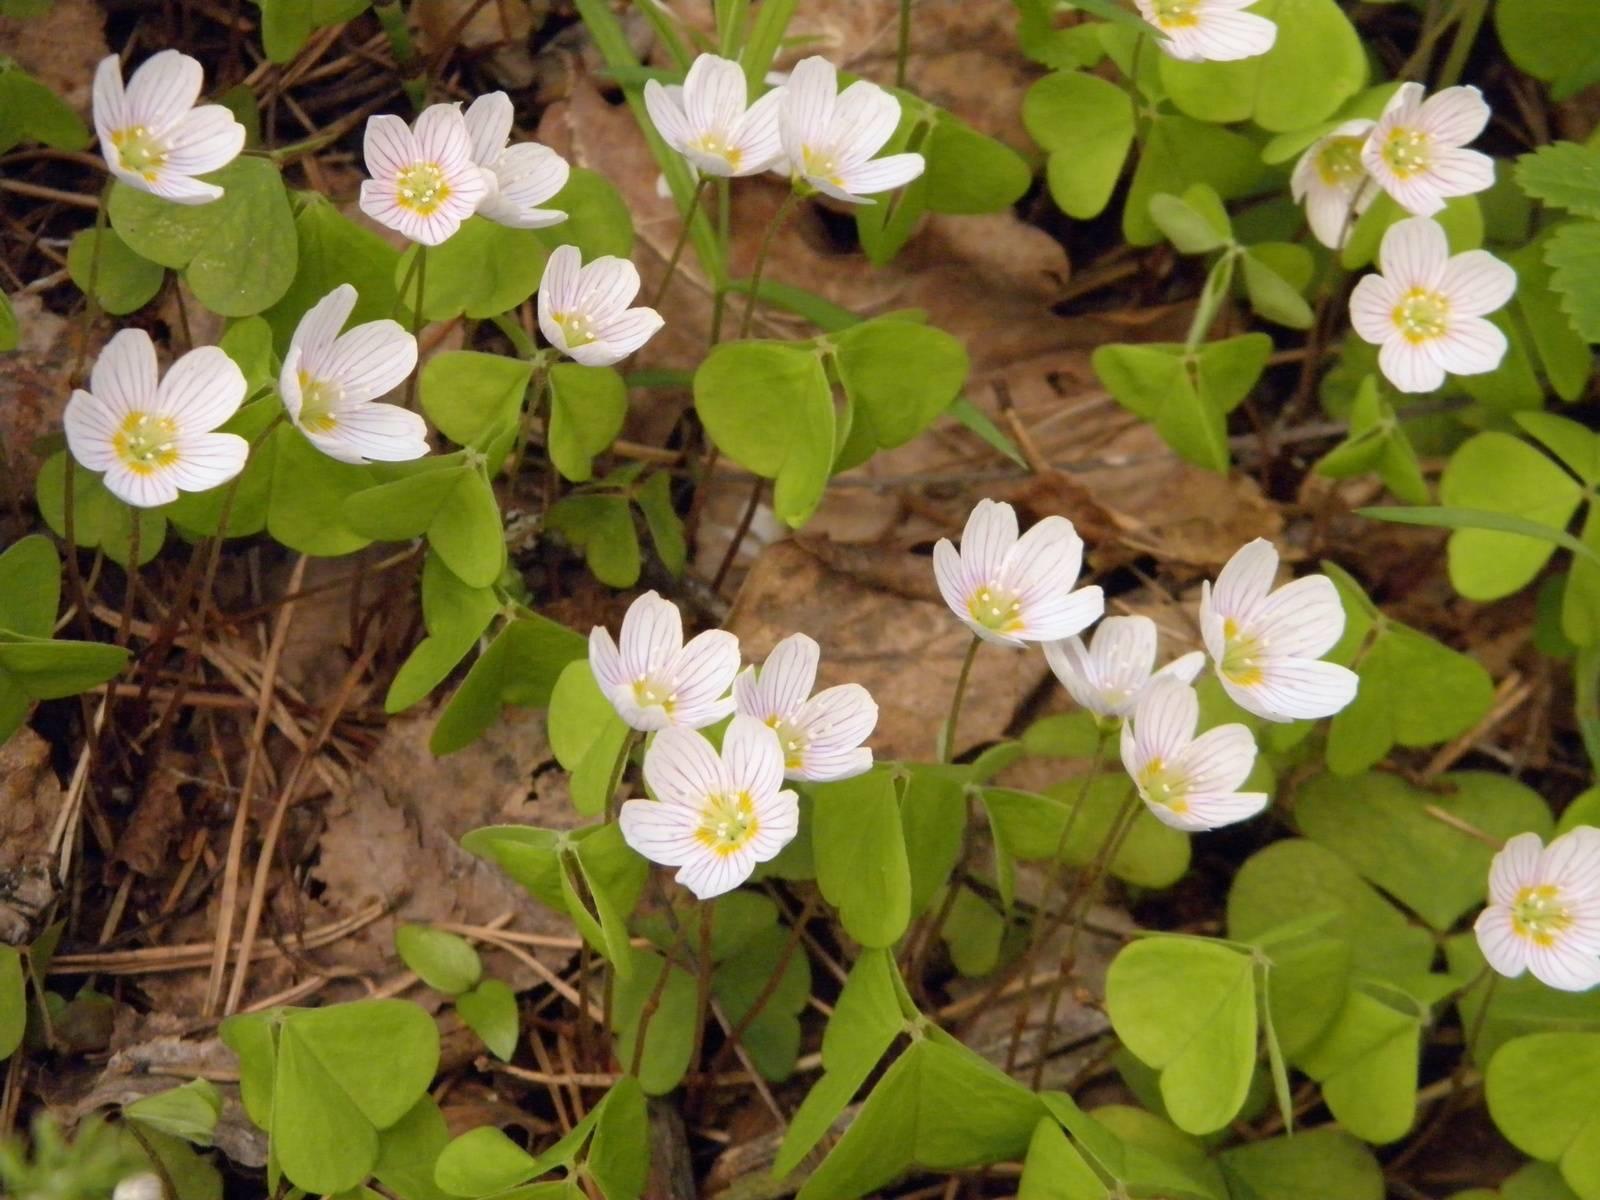 Оксалис (62 фото): описание кислицы обыкновенной, клубненосной и других видов. можно ли пересадить цветок зимой? как выглядит растение? его отношение к ветру и свету